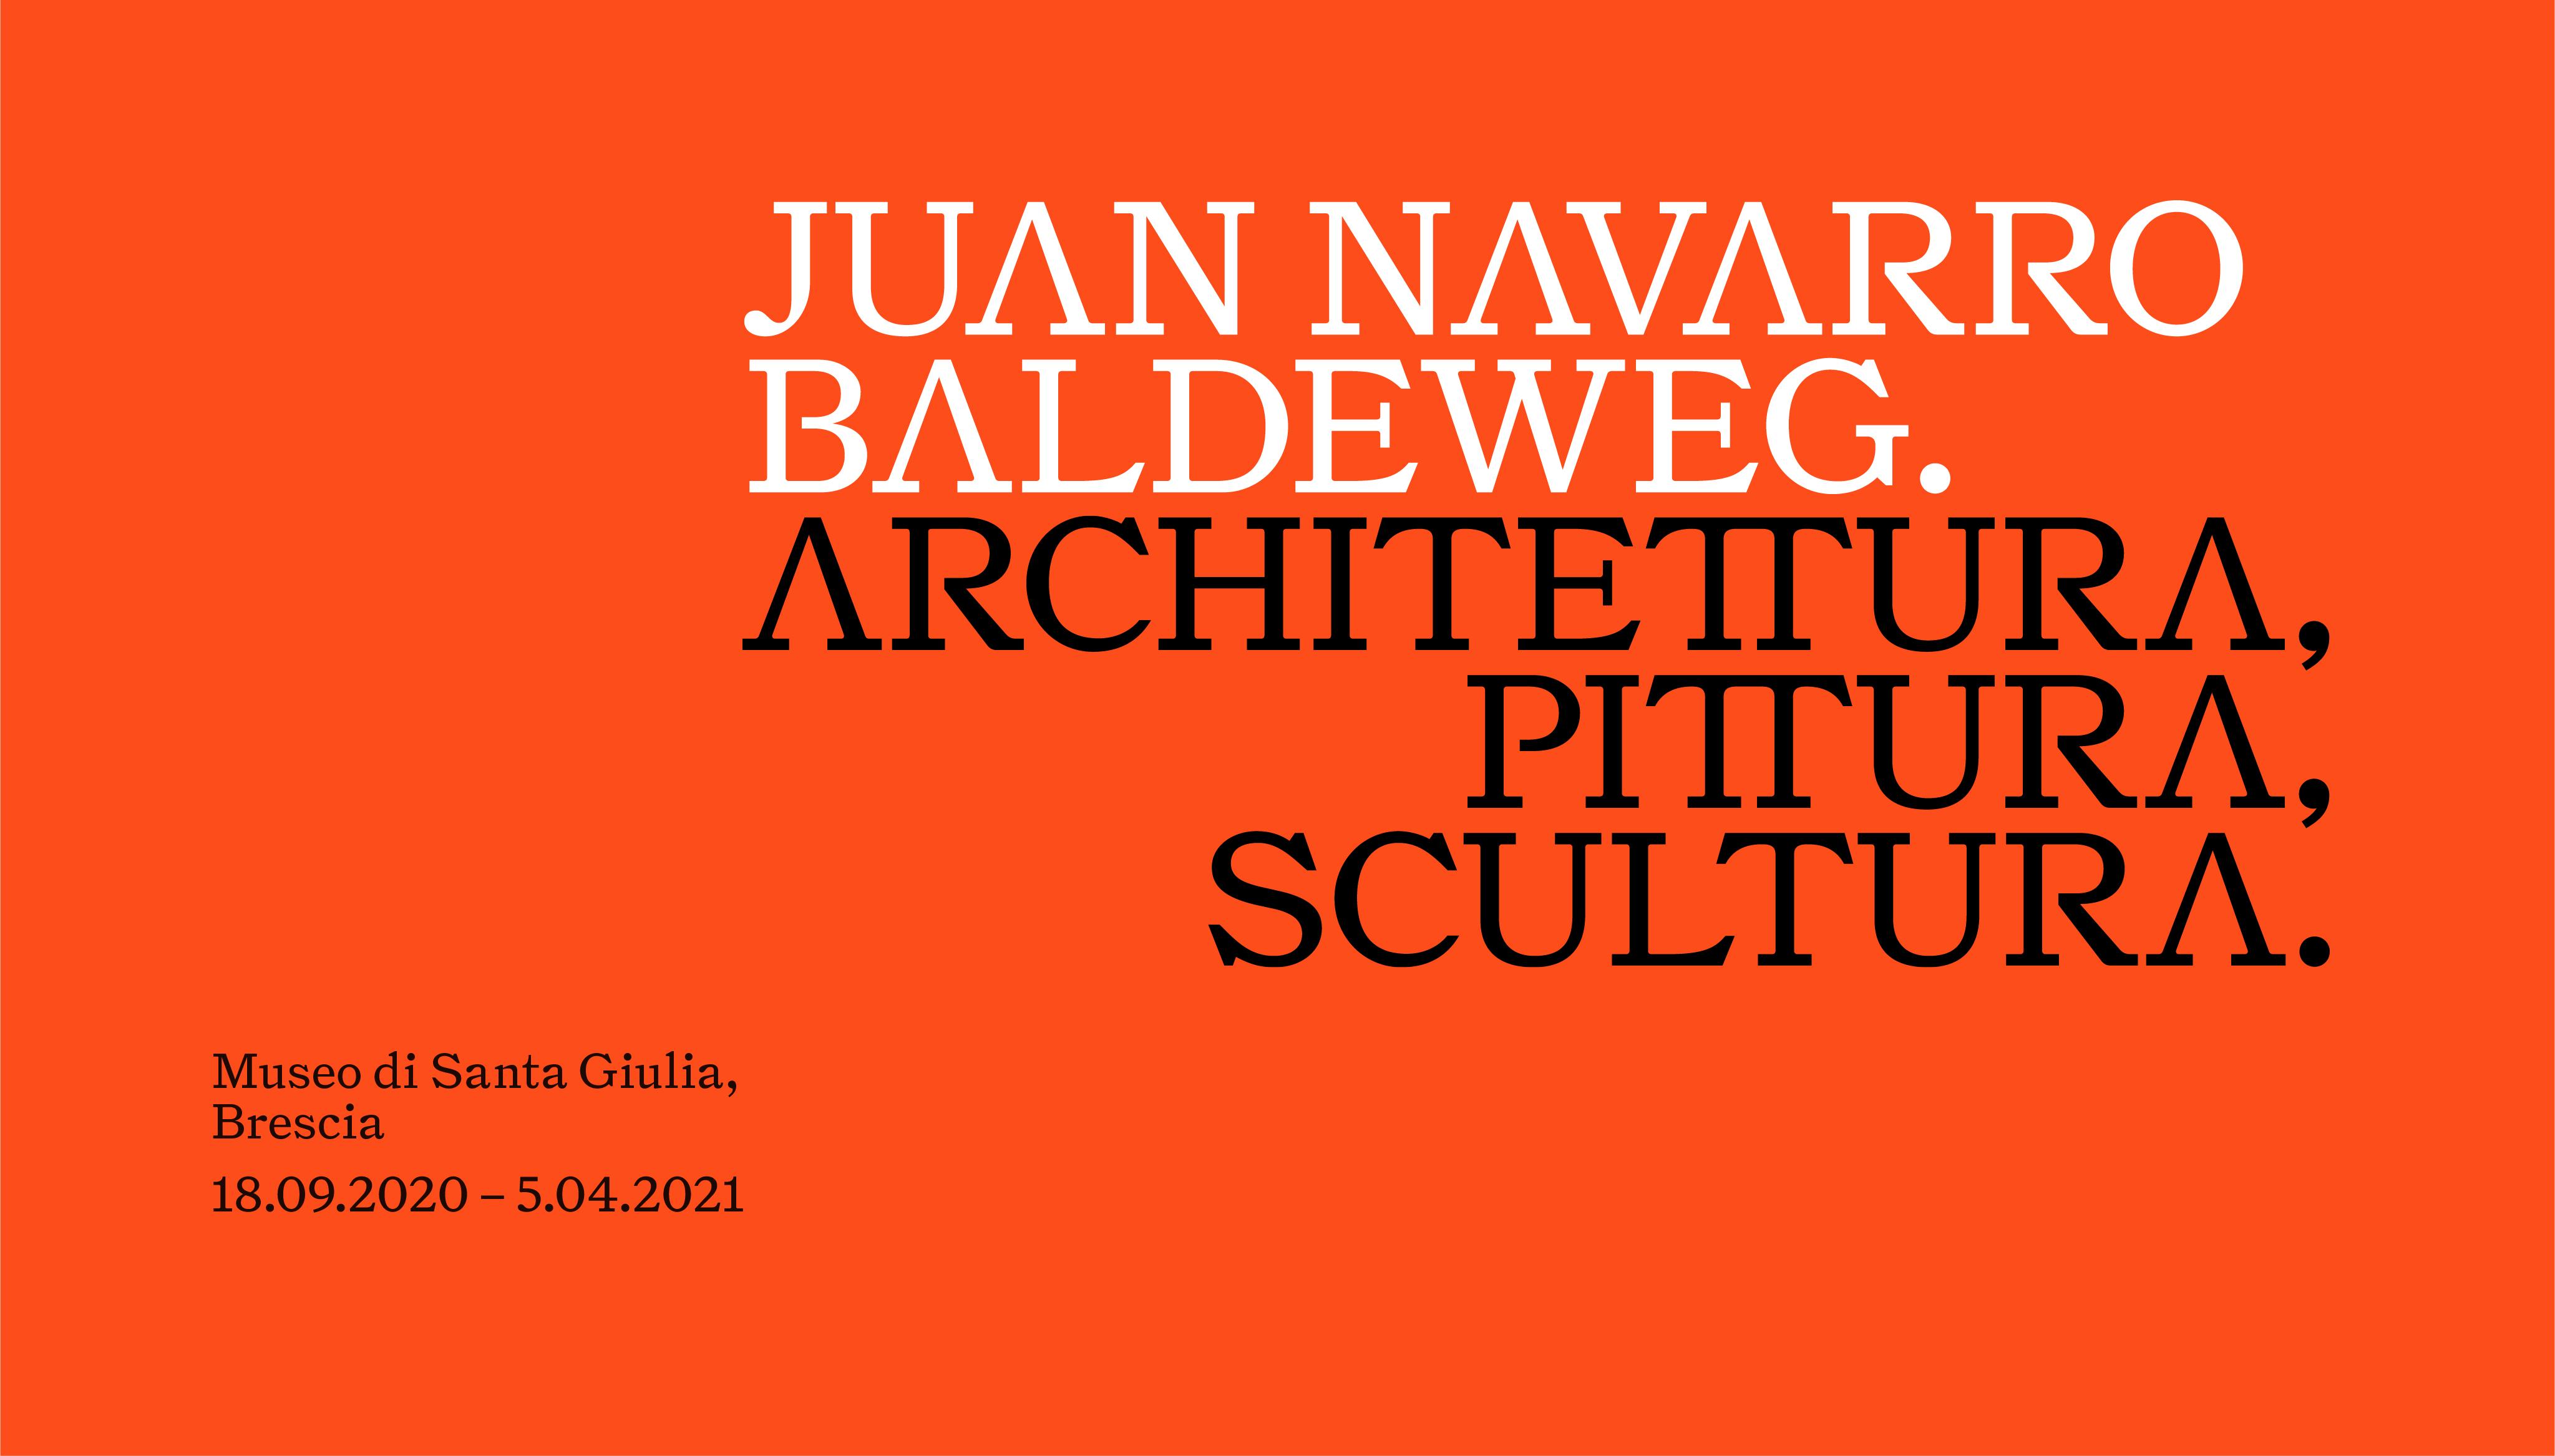 locandina mostra Juan Navarro Baldeweg